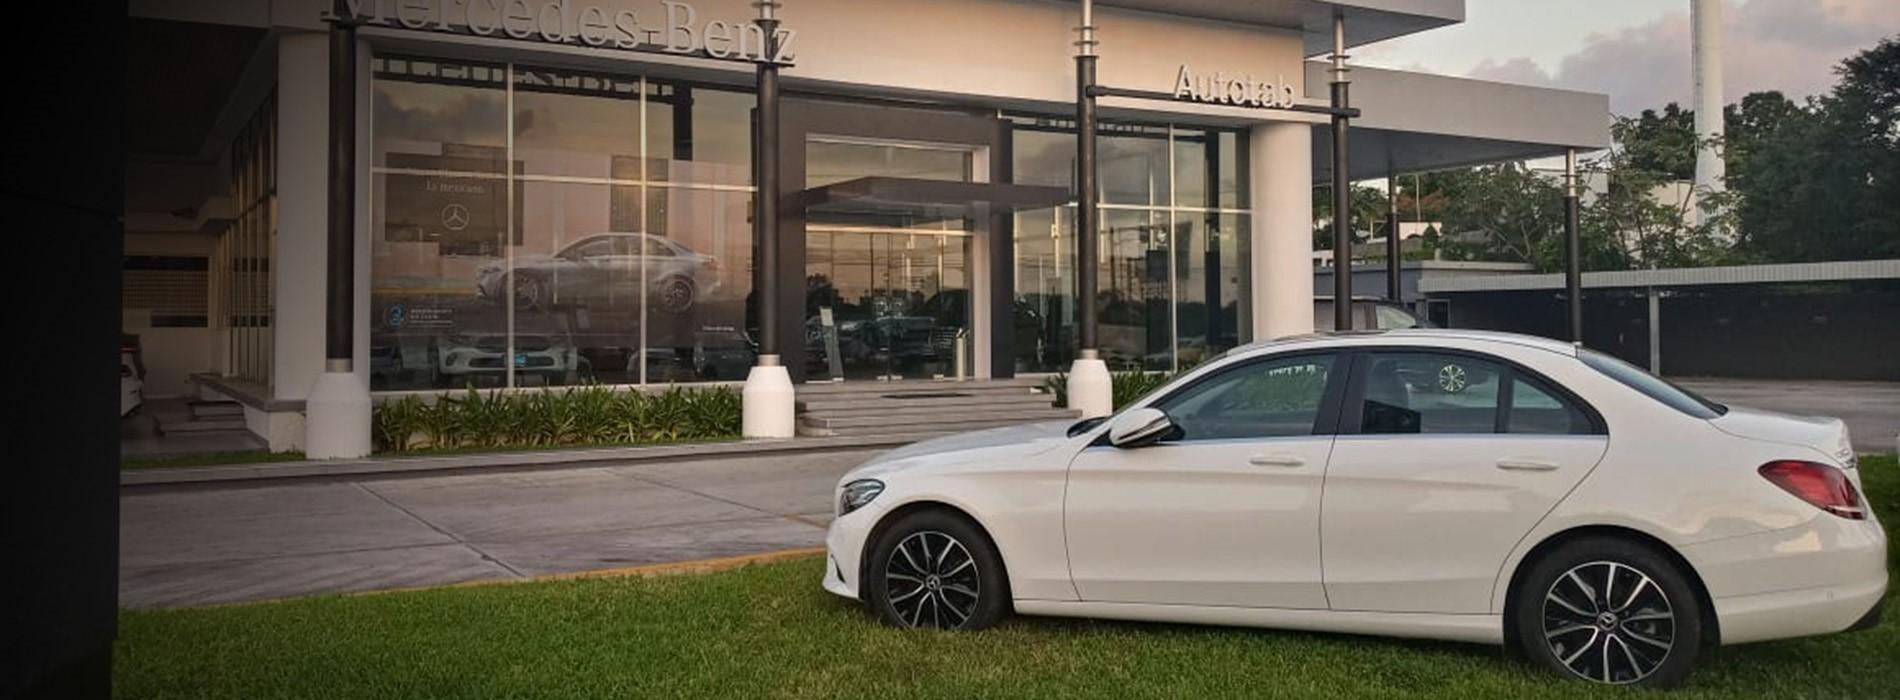 Mercedes-Benz Autotab